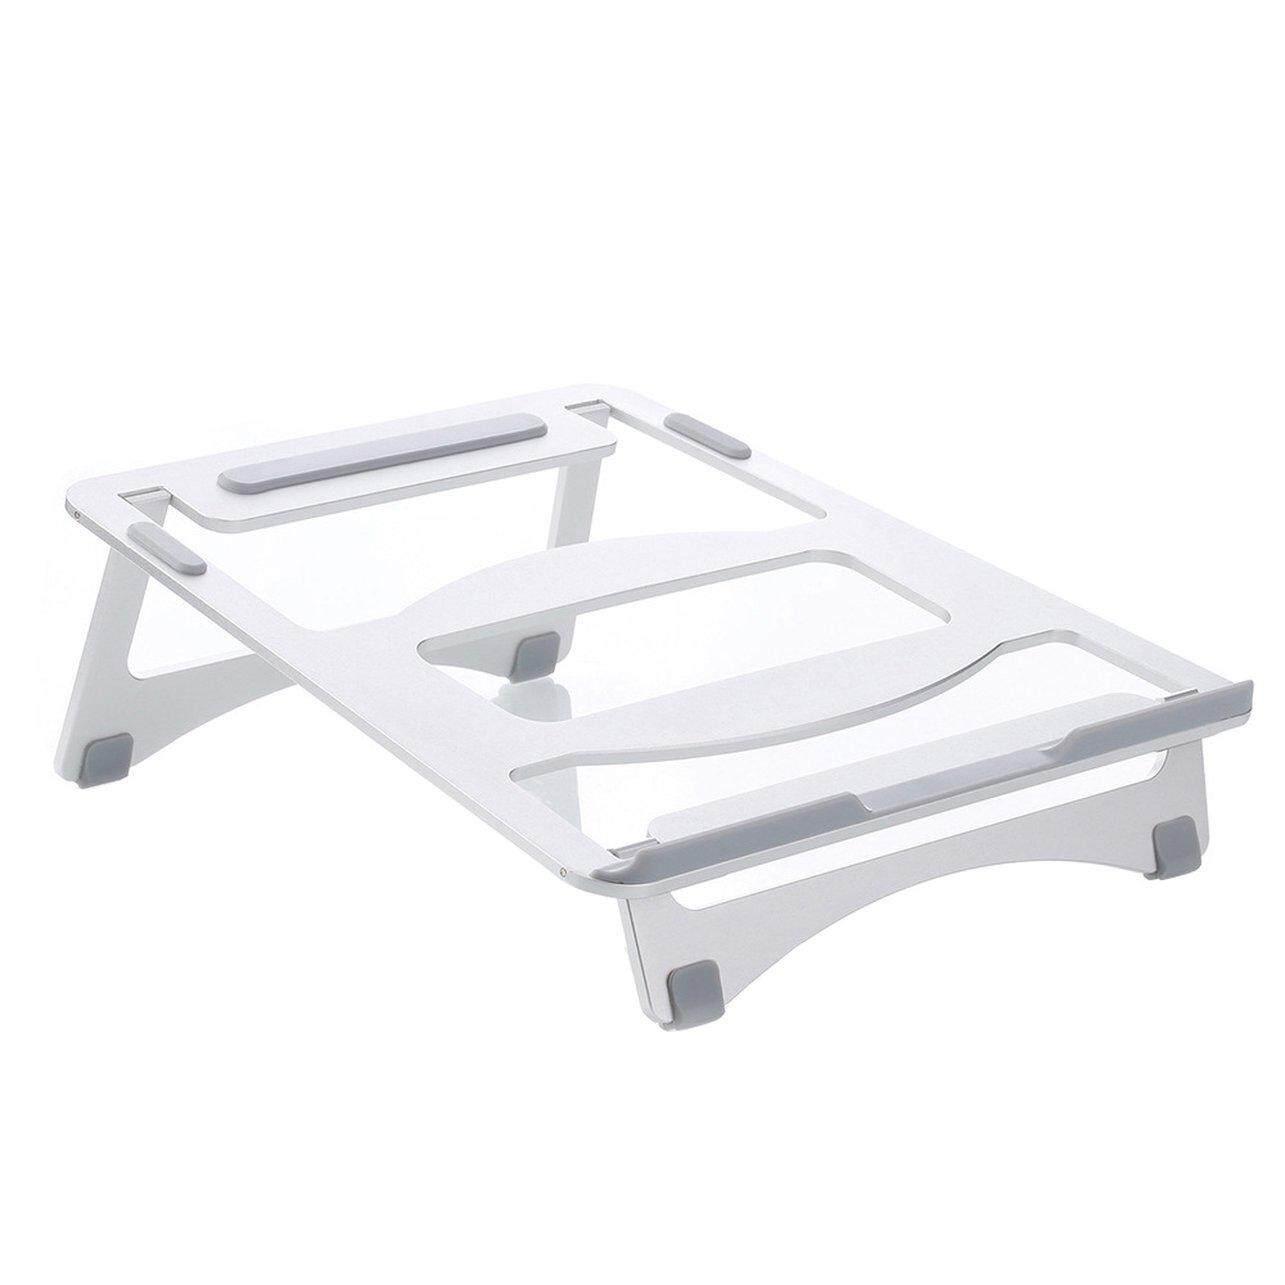 Hot Sales Portable Size Aluminum Laptop Stand Adjustable Tablets Holder Bracket